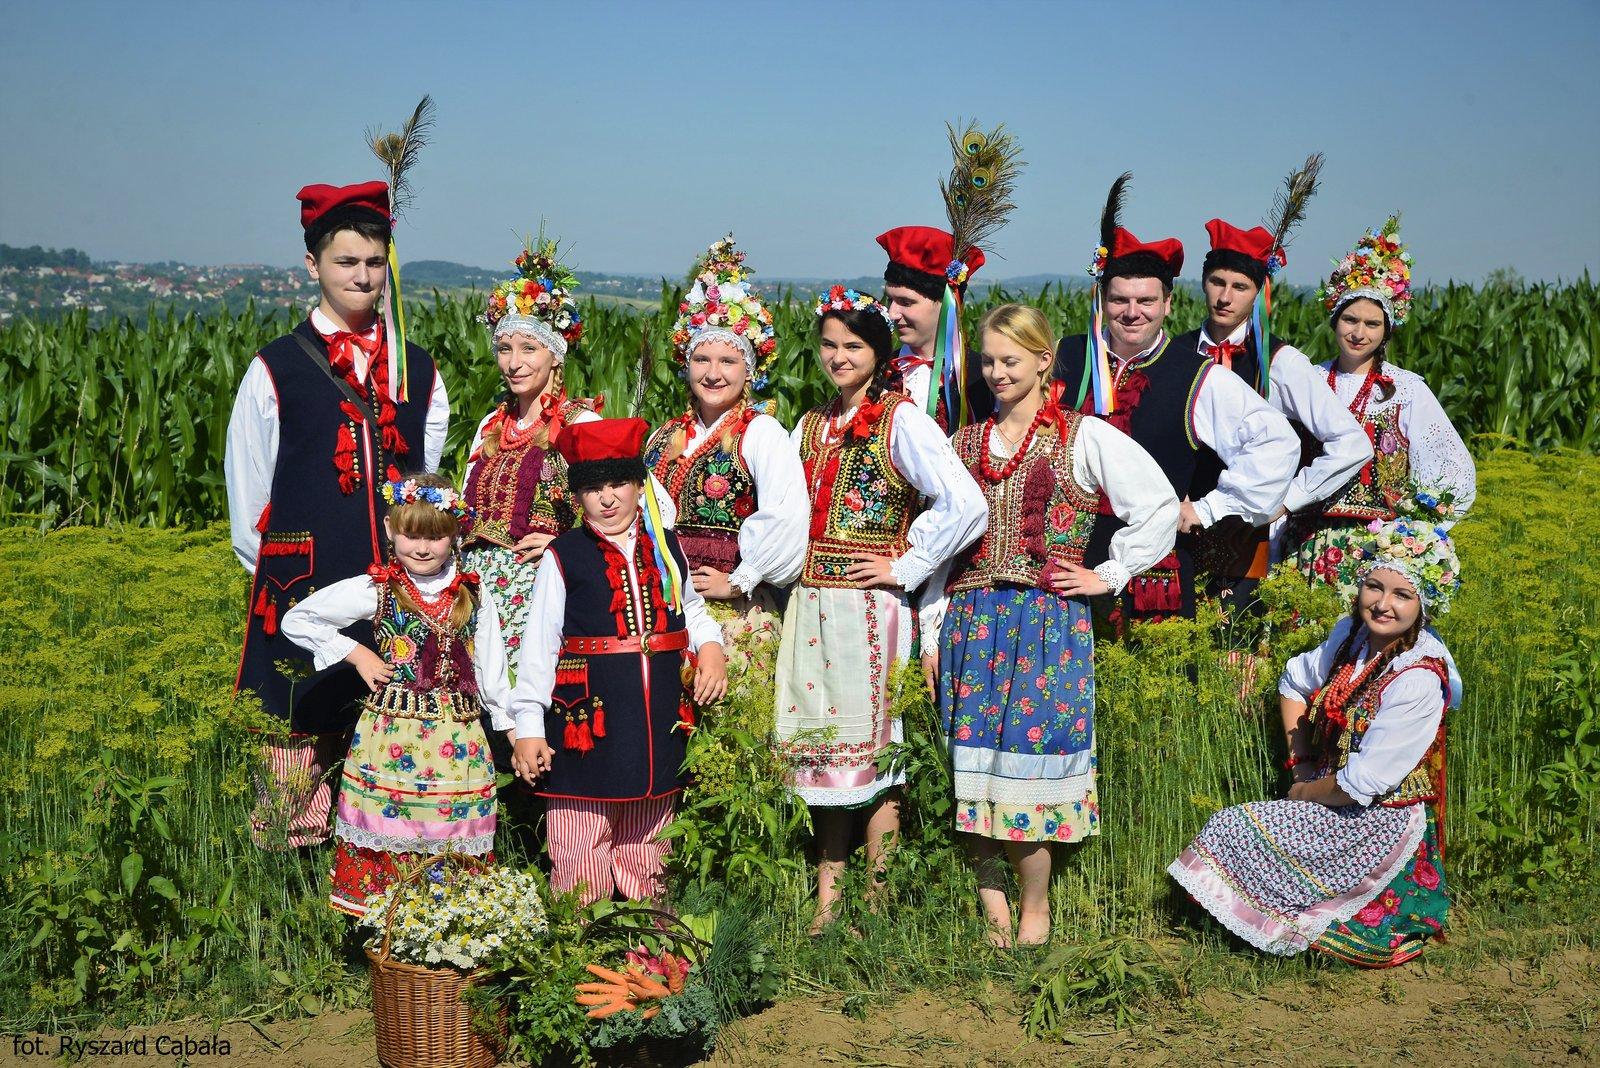 Krakowiacy w krakowskim stroju ludowym